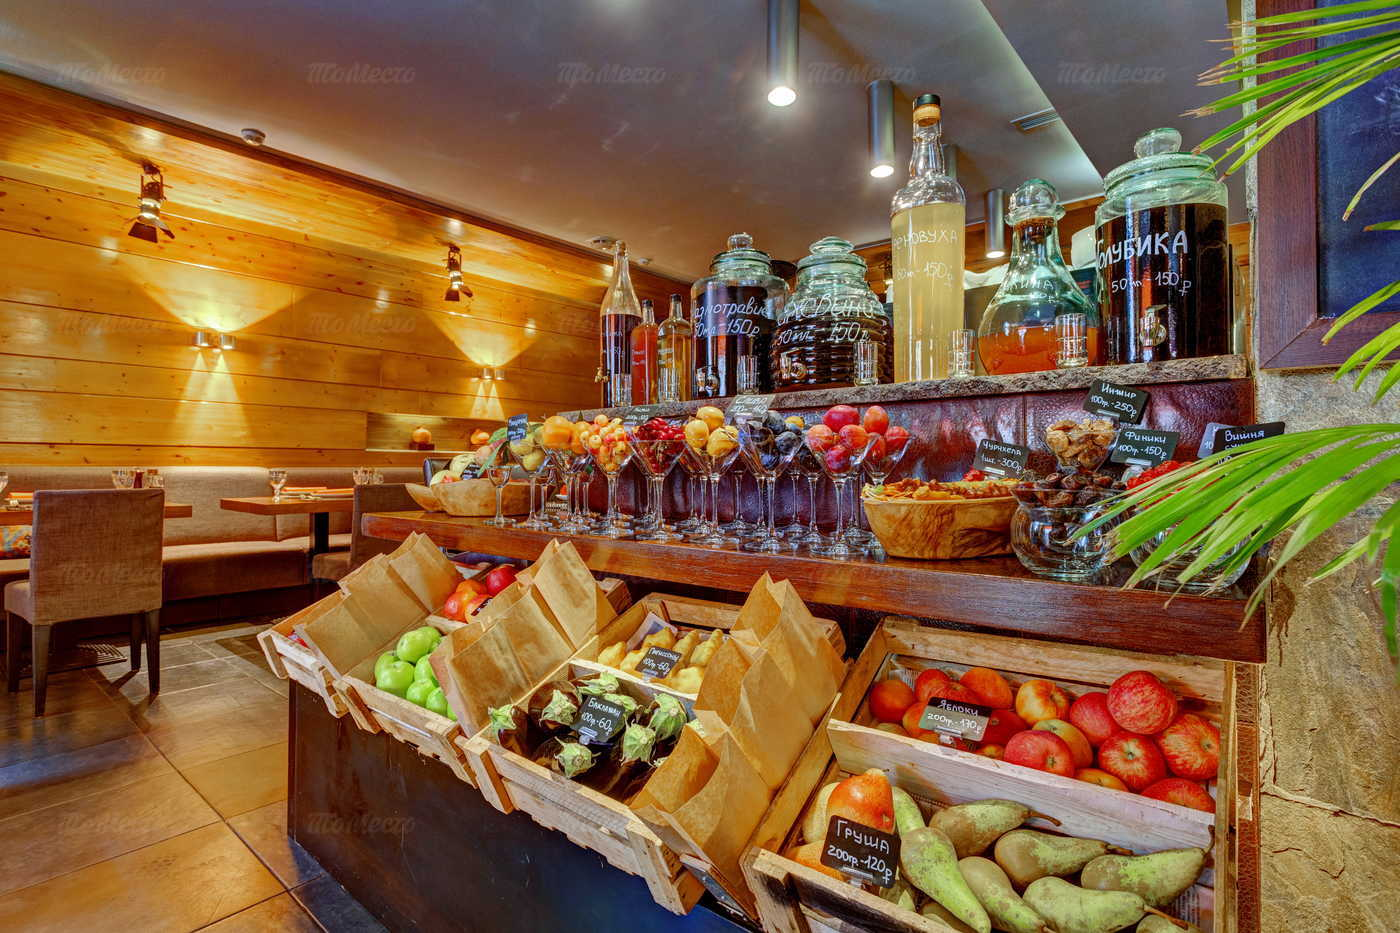 Ресторан Барашка (Бараshка) на Петровке фото 9